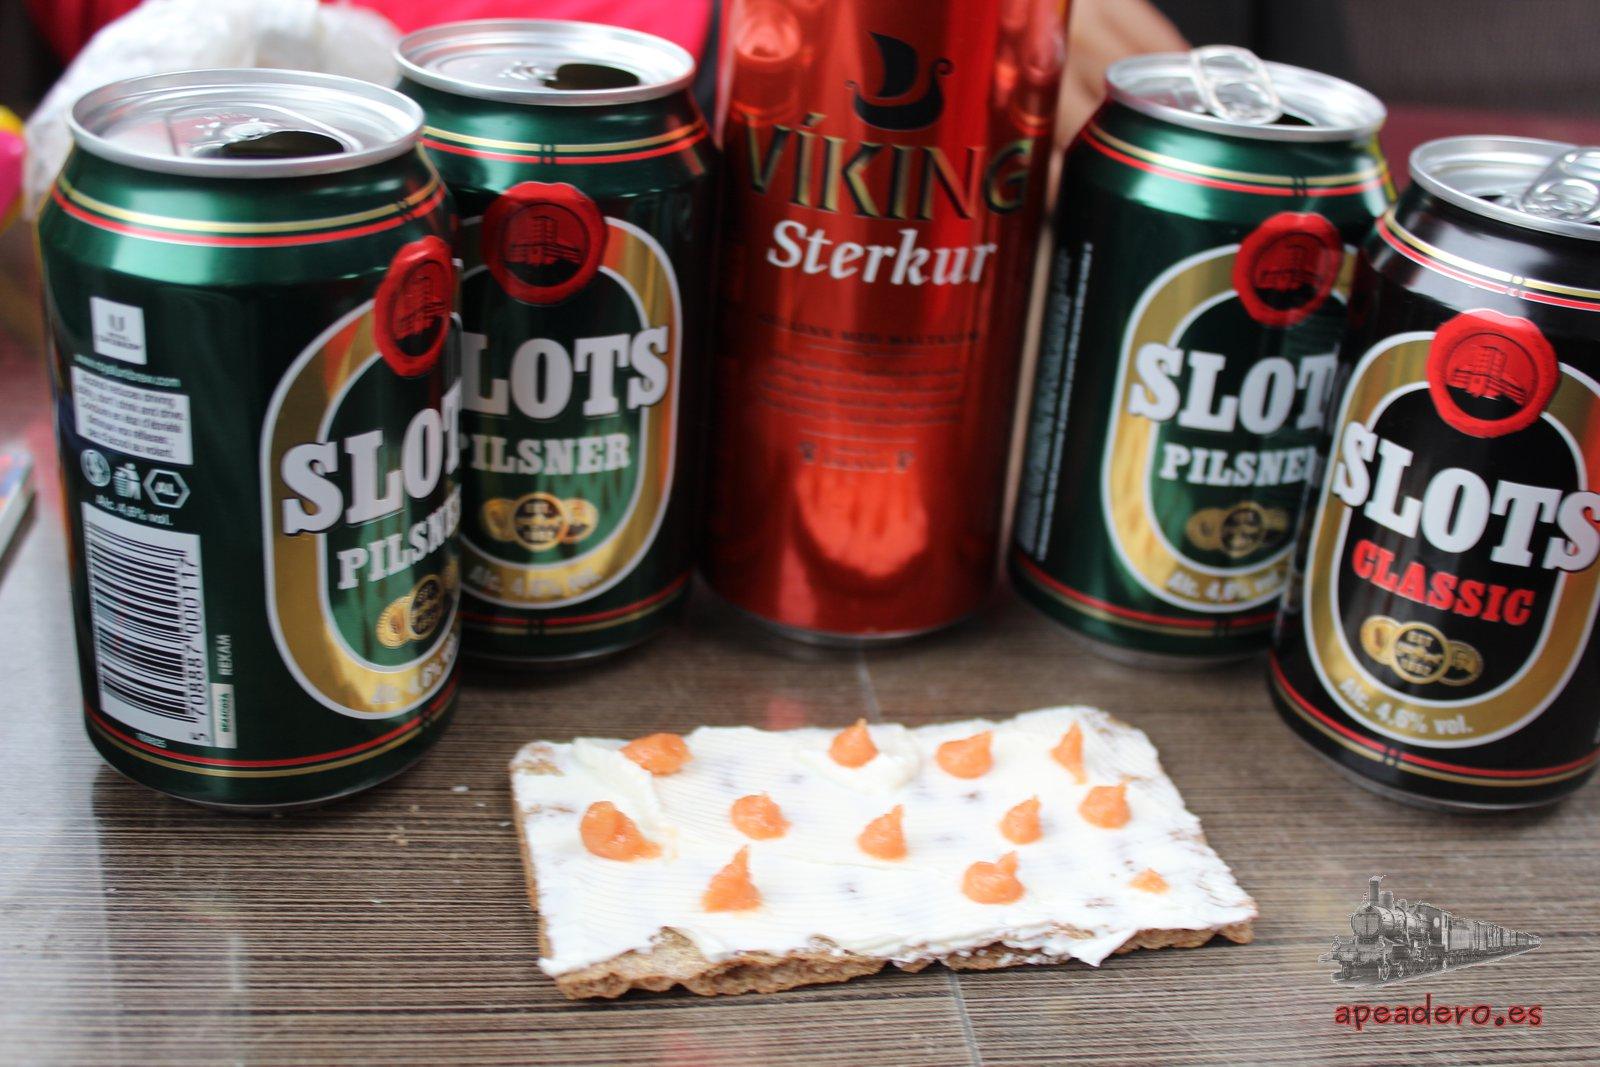 La cerveza islandesa corría desde mediodía, eso sí, junto a los crackers con queso untado ;)